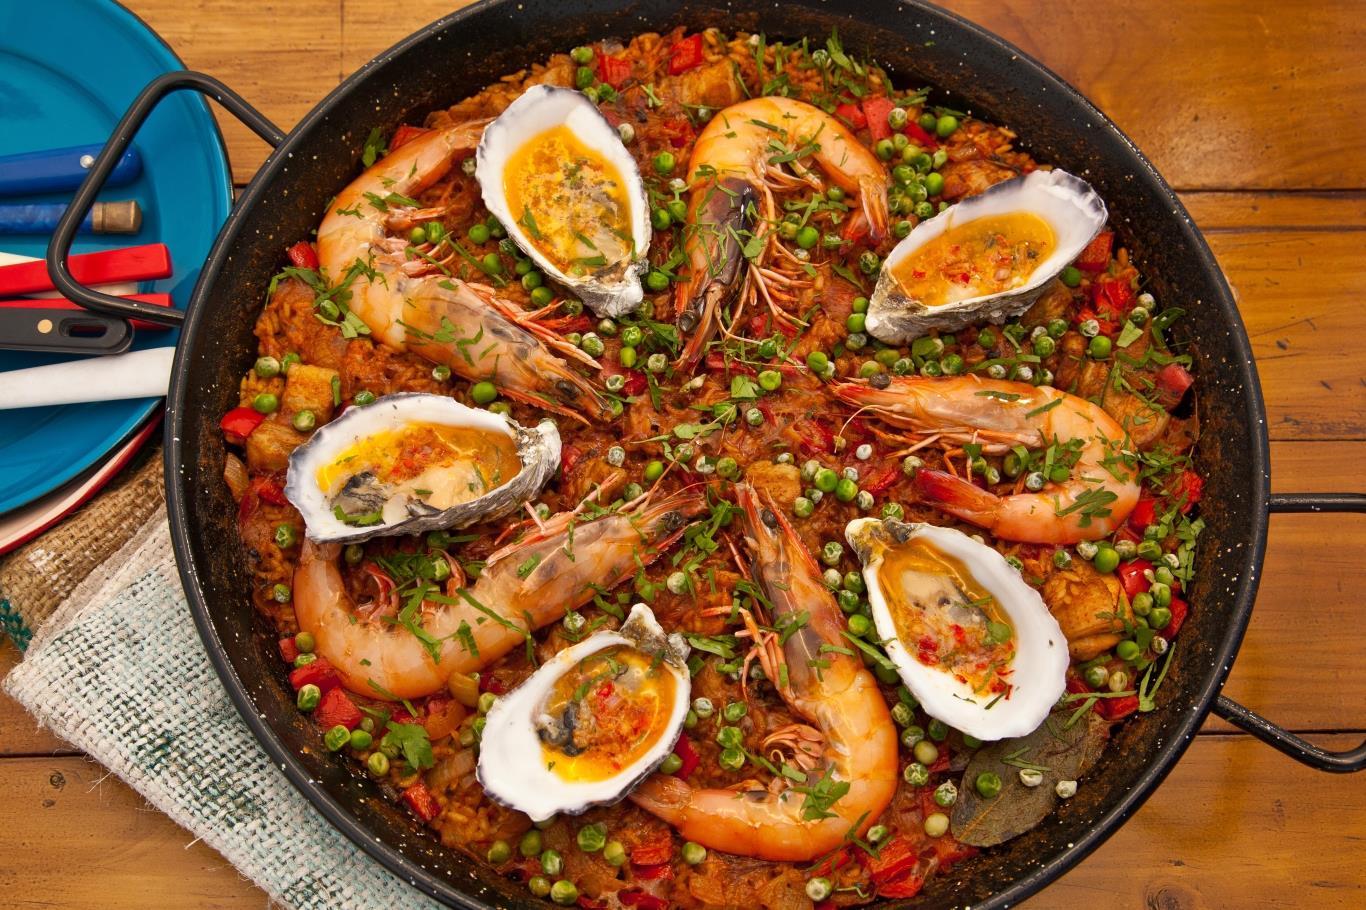 Paella có nguồn gốc từ Valencia, ban đầu chỉ là món giá rẻ, no bụng dành cho nông dân, gồm cơm, rau và thịt thỏ vụn. Ngày nay, Paella có thêm nhiều nguyên liệu phong thú, như xúc xích cay, hải sản.